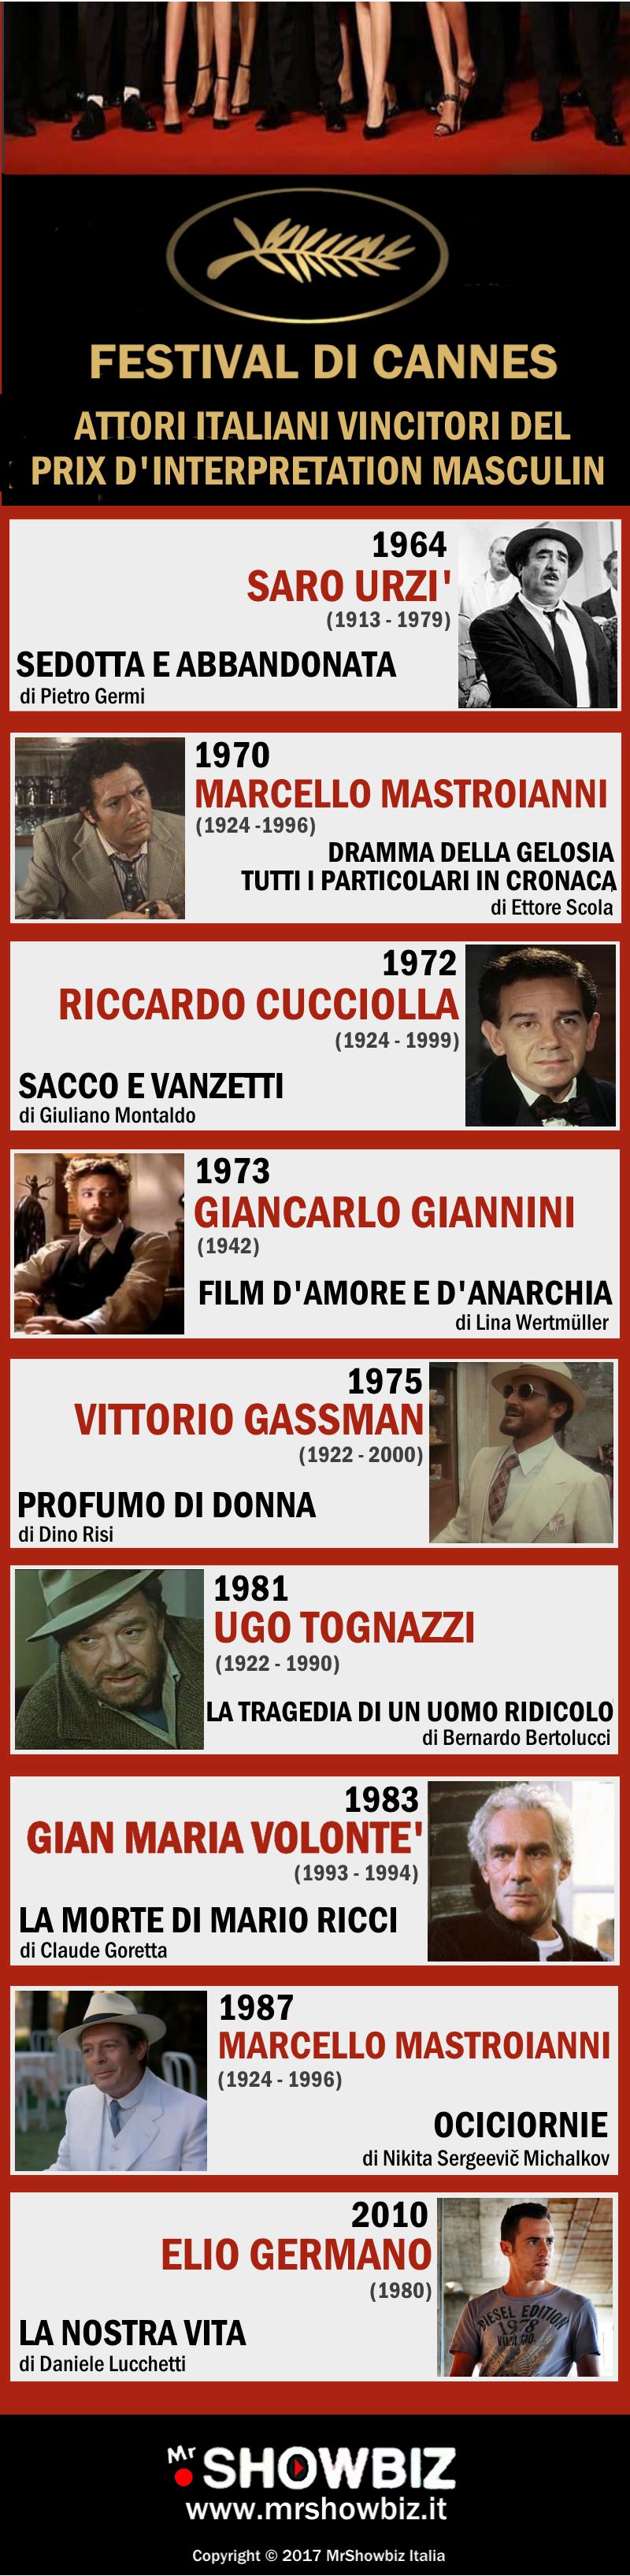 Attori italiani premiati con il Prix d'Intérpretation Masculin a Cannes